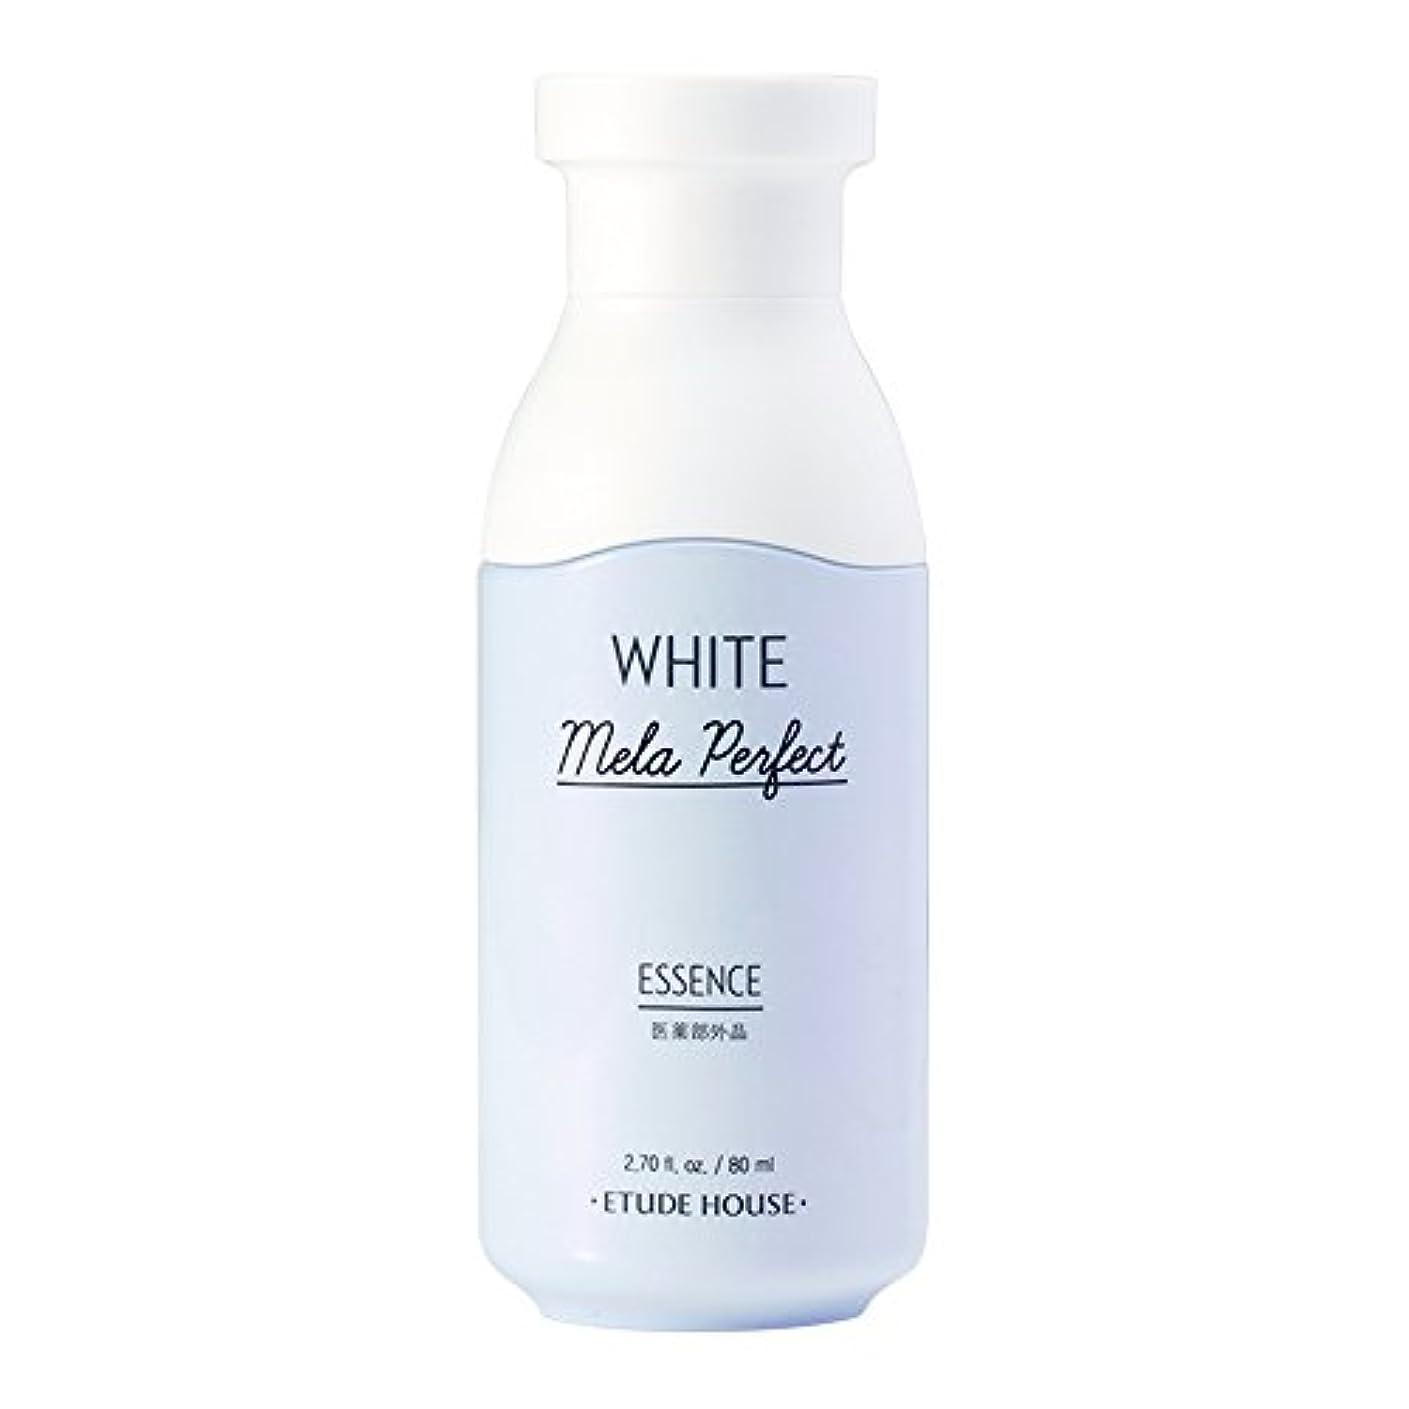 ピボットおメッセージエチュードハウス(ETUDE HOUSE) ホワイトメラパーフェクト エッセンス「美白美容液」